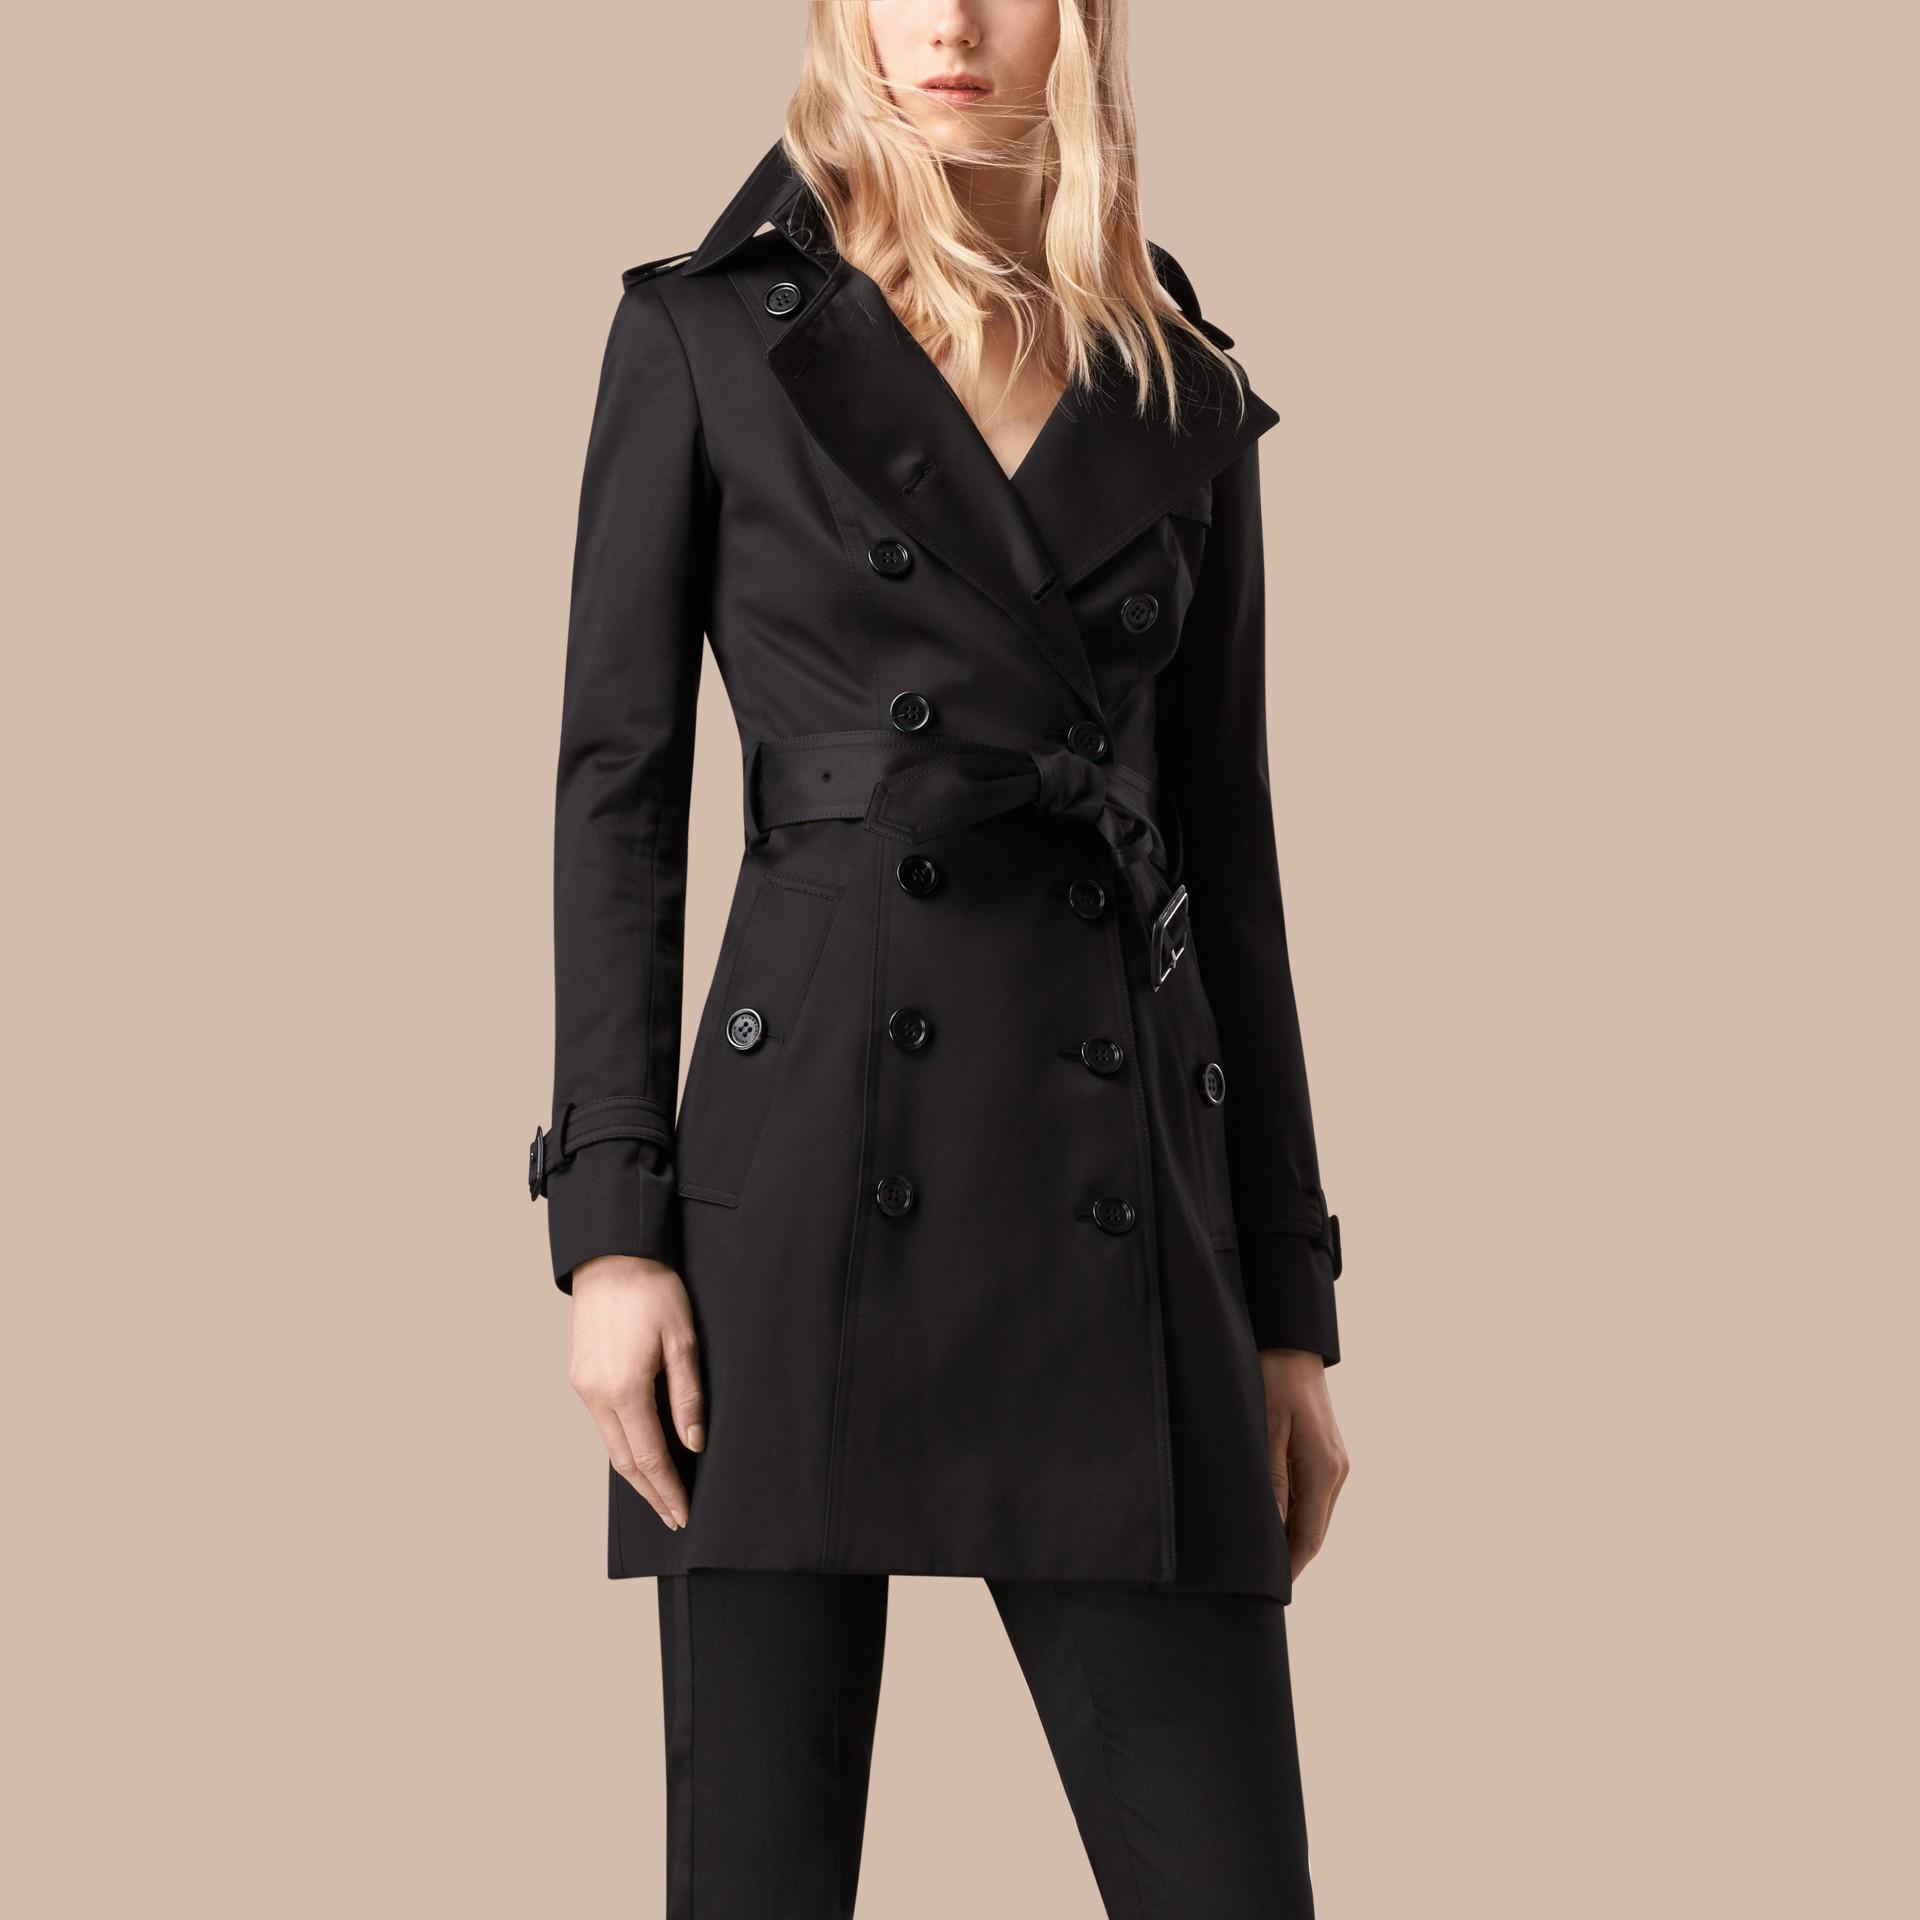 Nero Trench coat in satin di cotone Nero - immagine della galleria 4